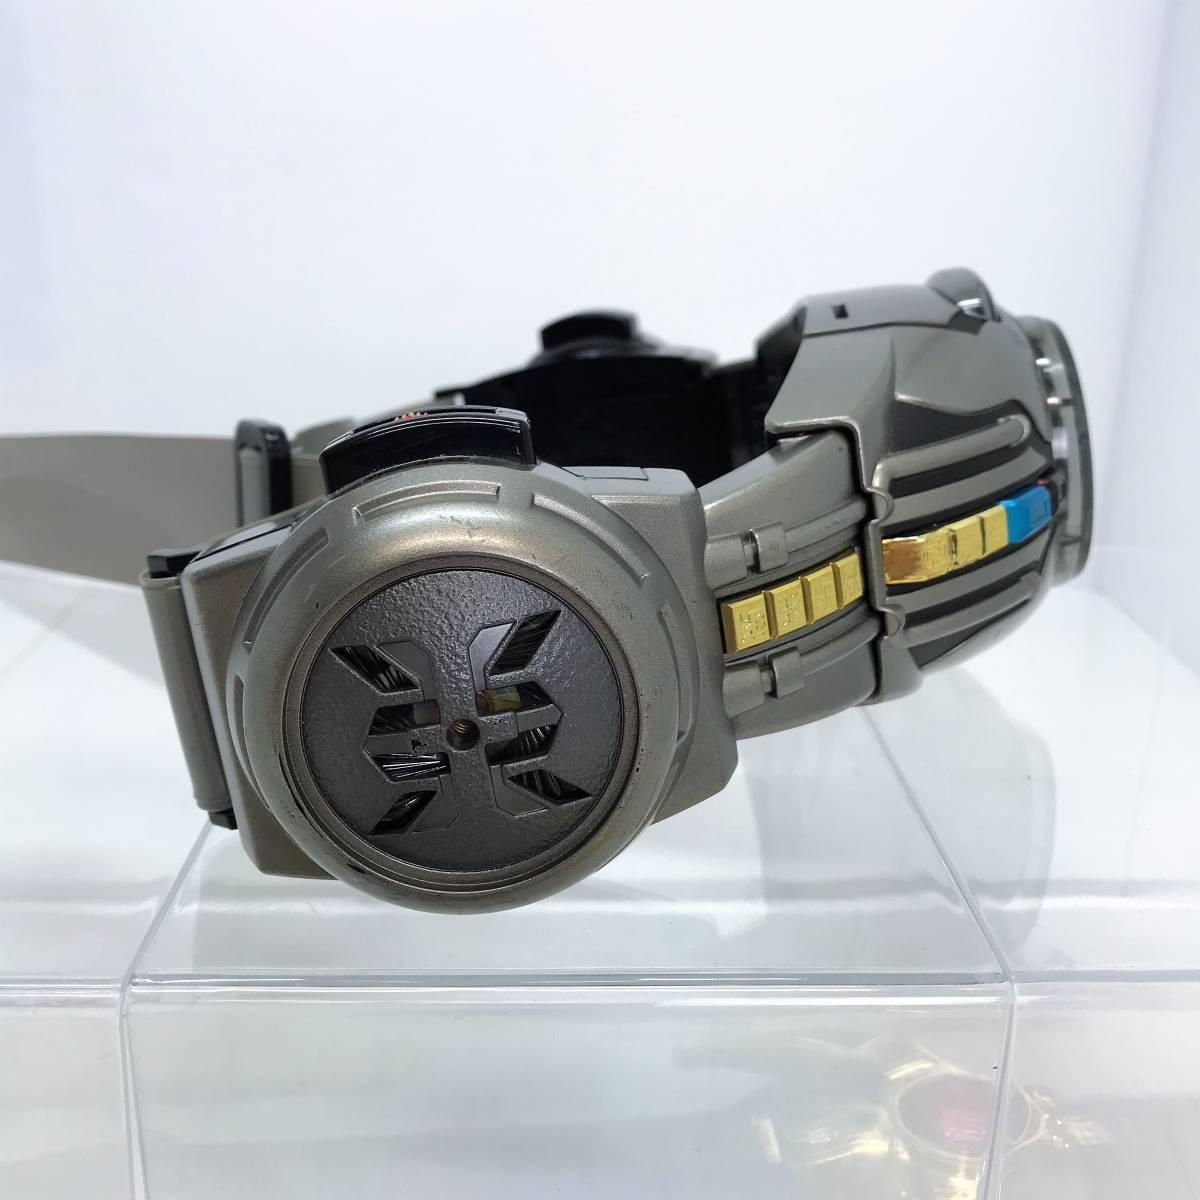 仮面ライダー クウガ DX 変身ベルト ソニックウェーブ アークル タイタンソード 当時物 なりきり 武器 まとめて 多数 大量 セット 出品中_画像5